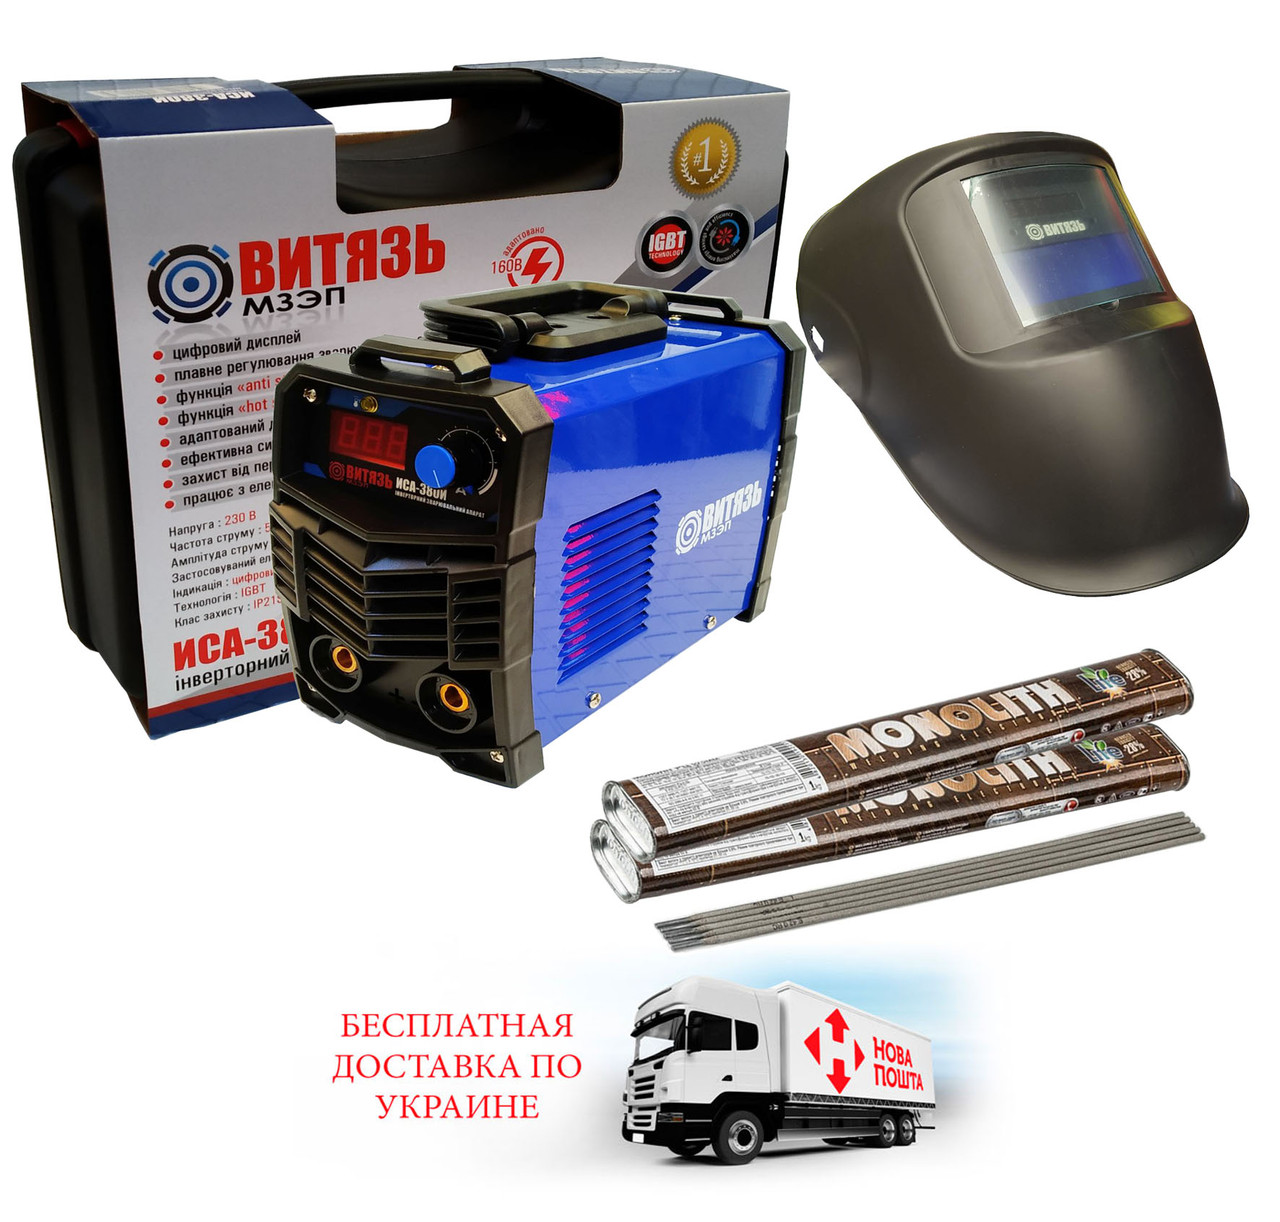 Сварочный инвертор Витязь ИСА 380И + маска сварщика (хамелеон)+2кг электродов 3мм+чемодан